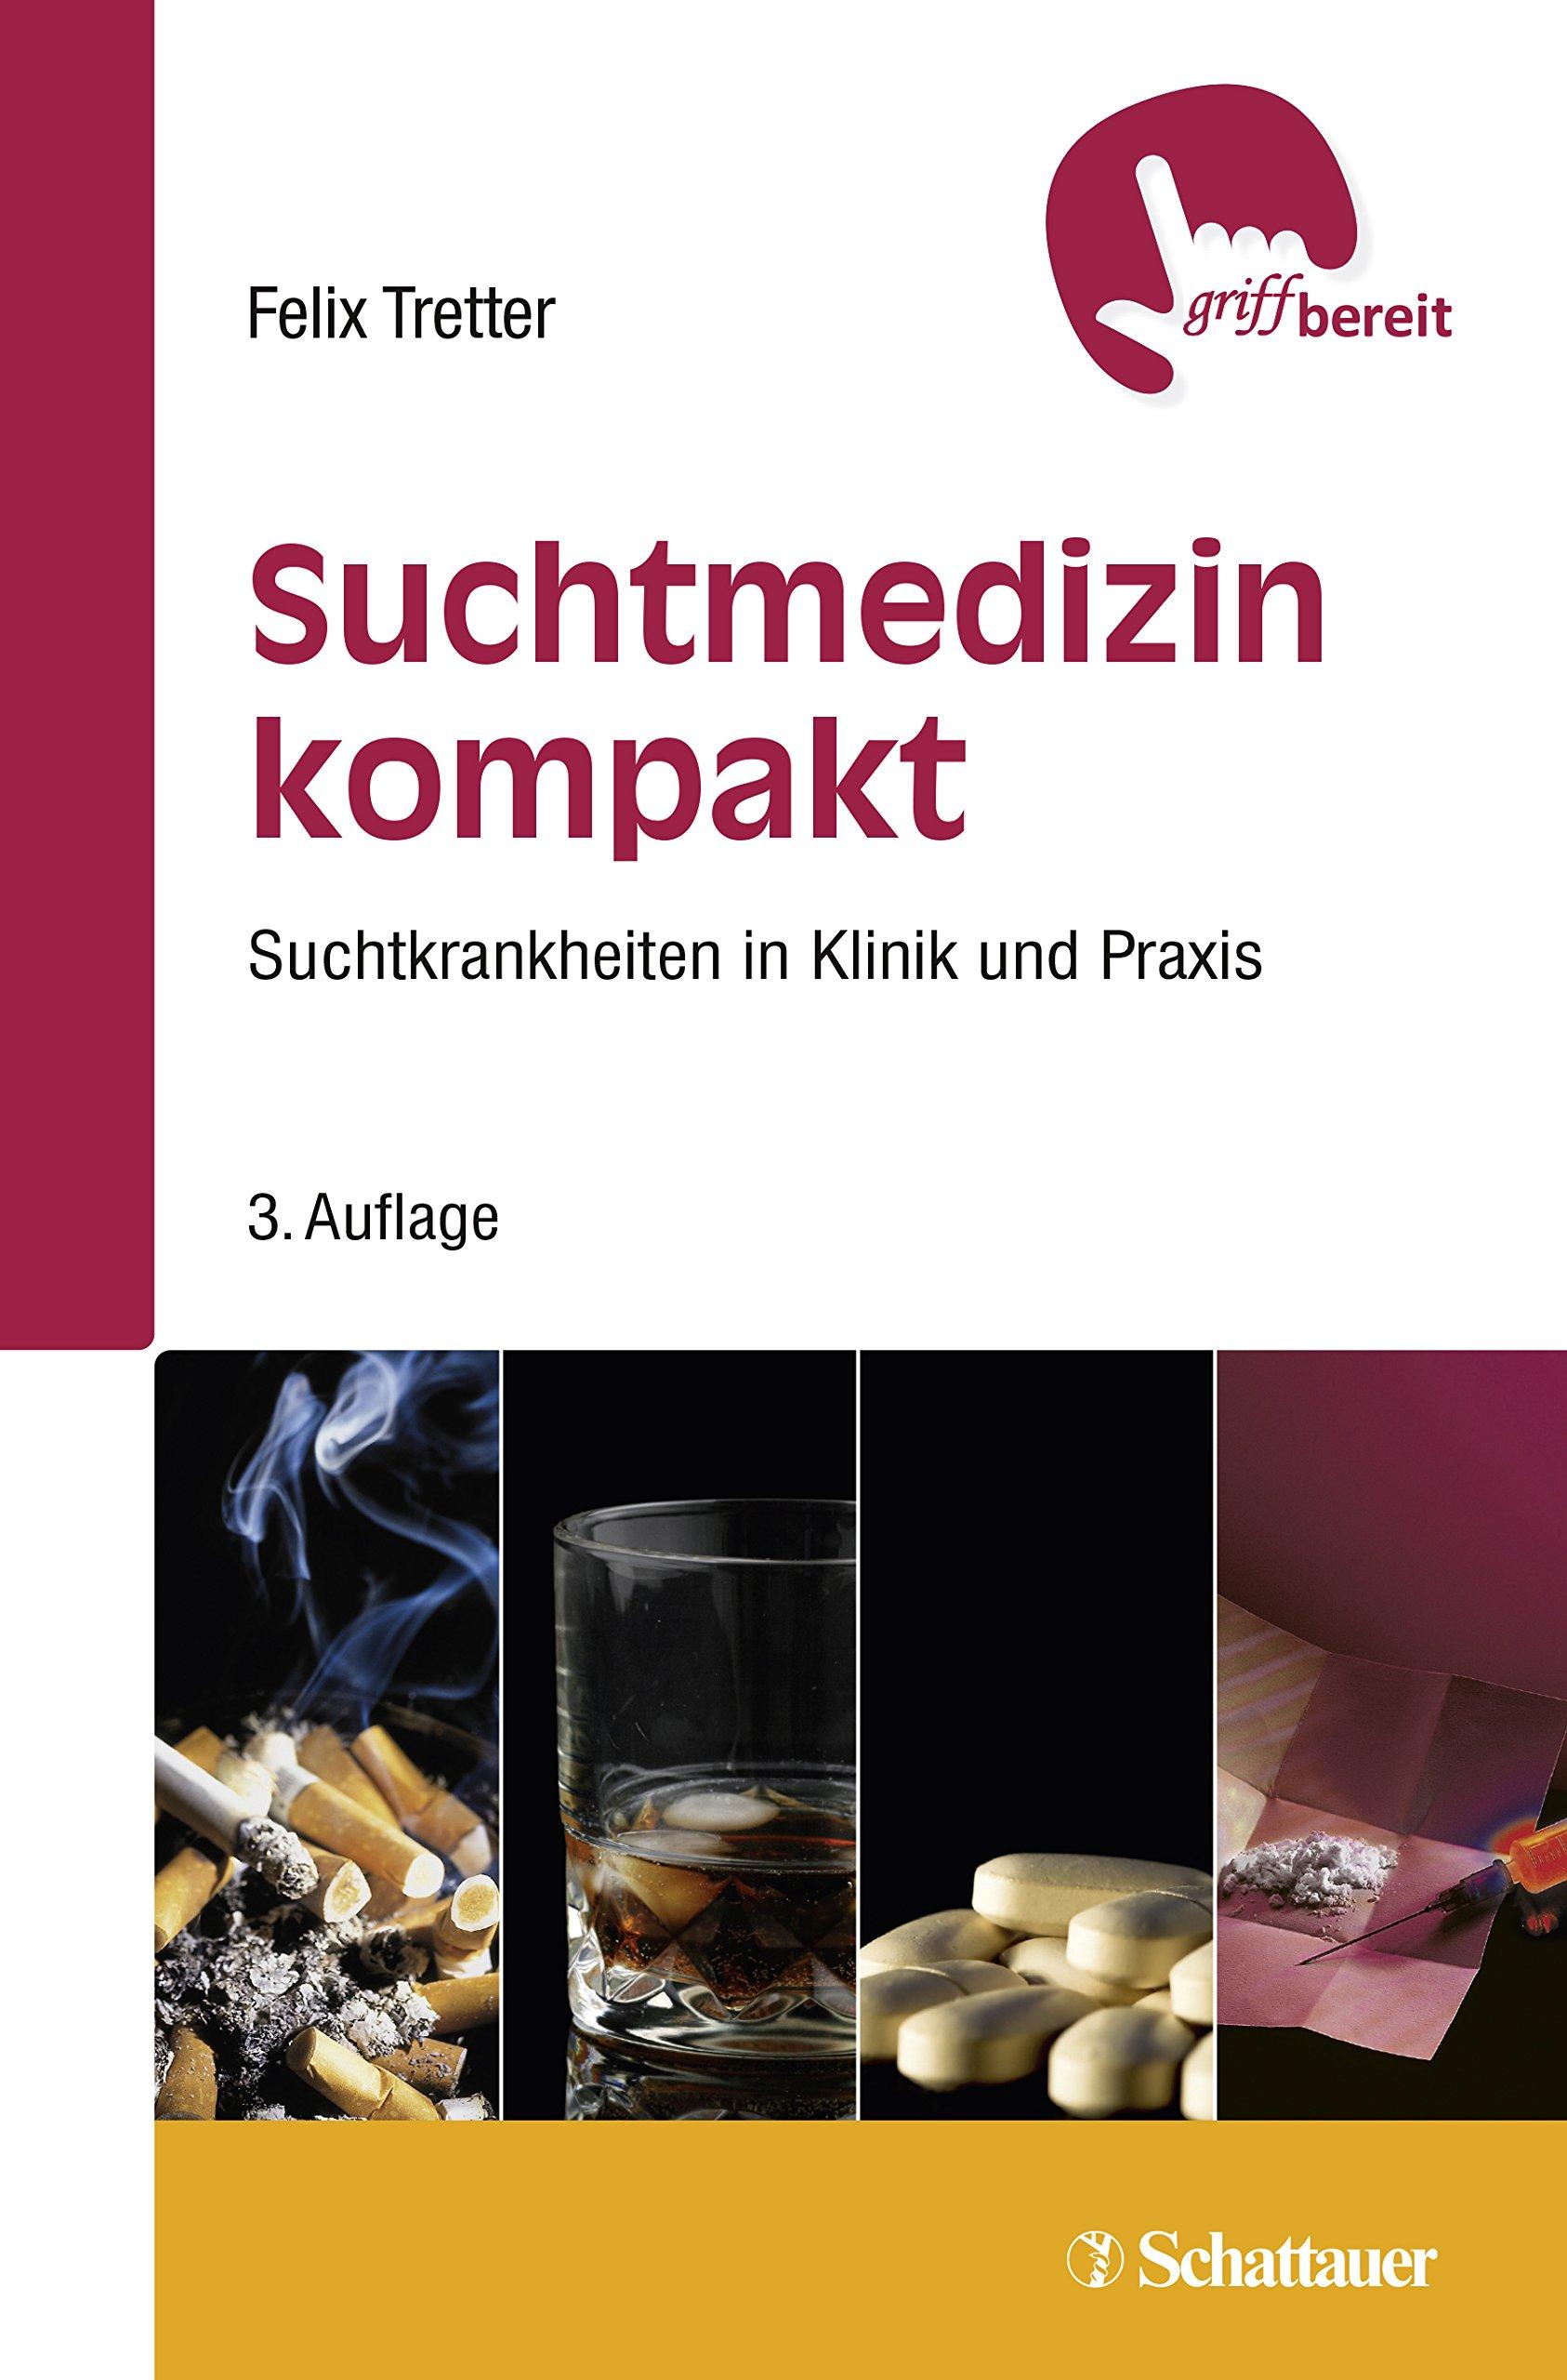 Suchtmedizin kompakt: Suchtkrankheiten in Klinik und Praxis - griffbereit -